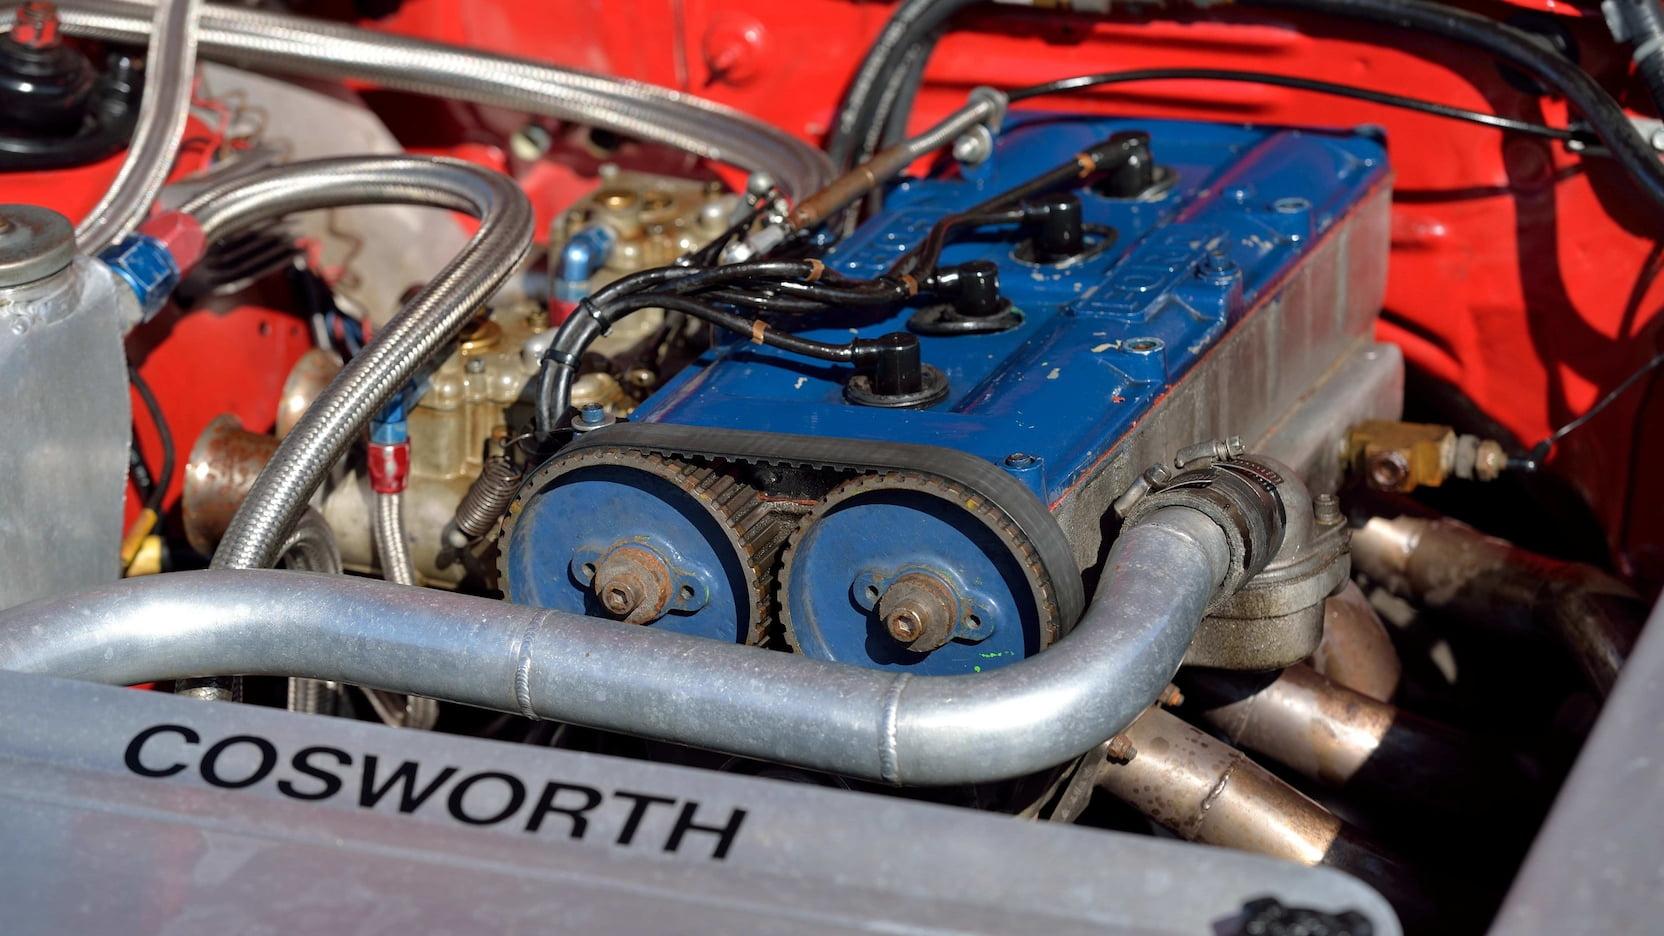 1980 Mercury Cosworth Capri engine belt close up